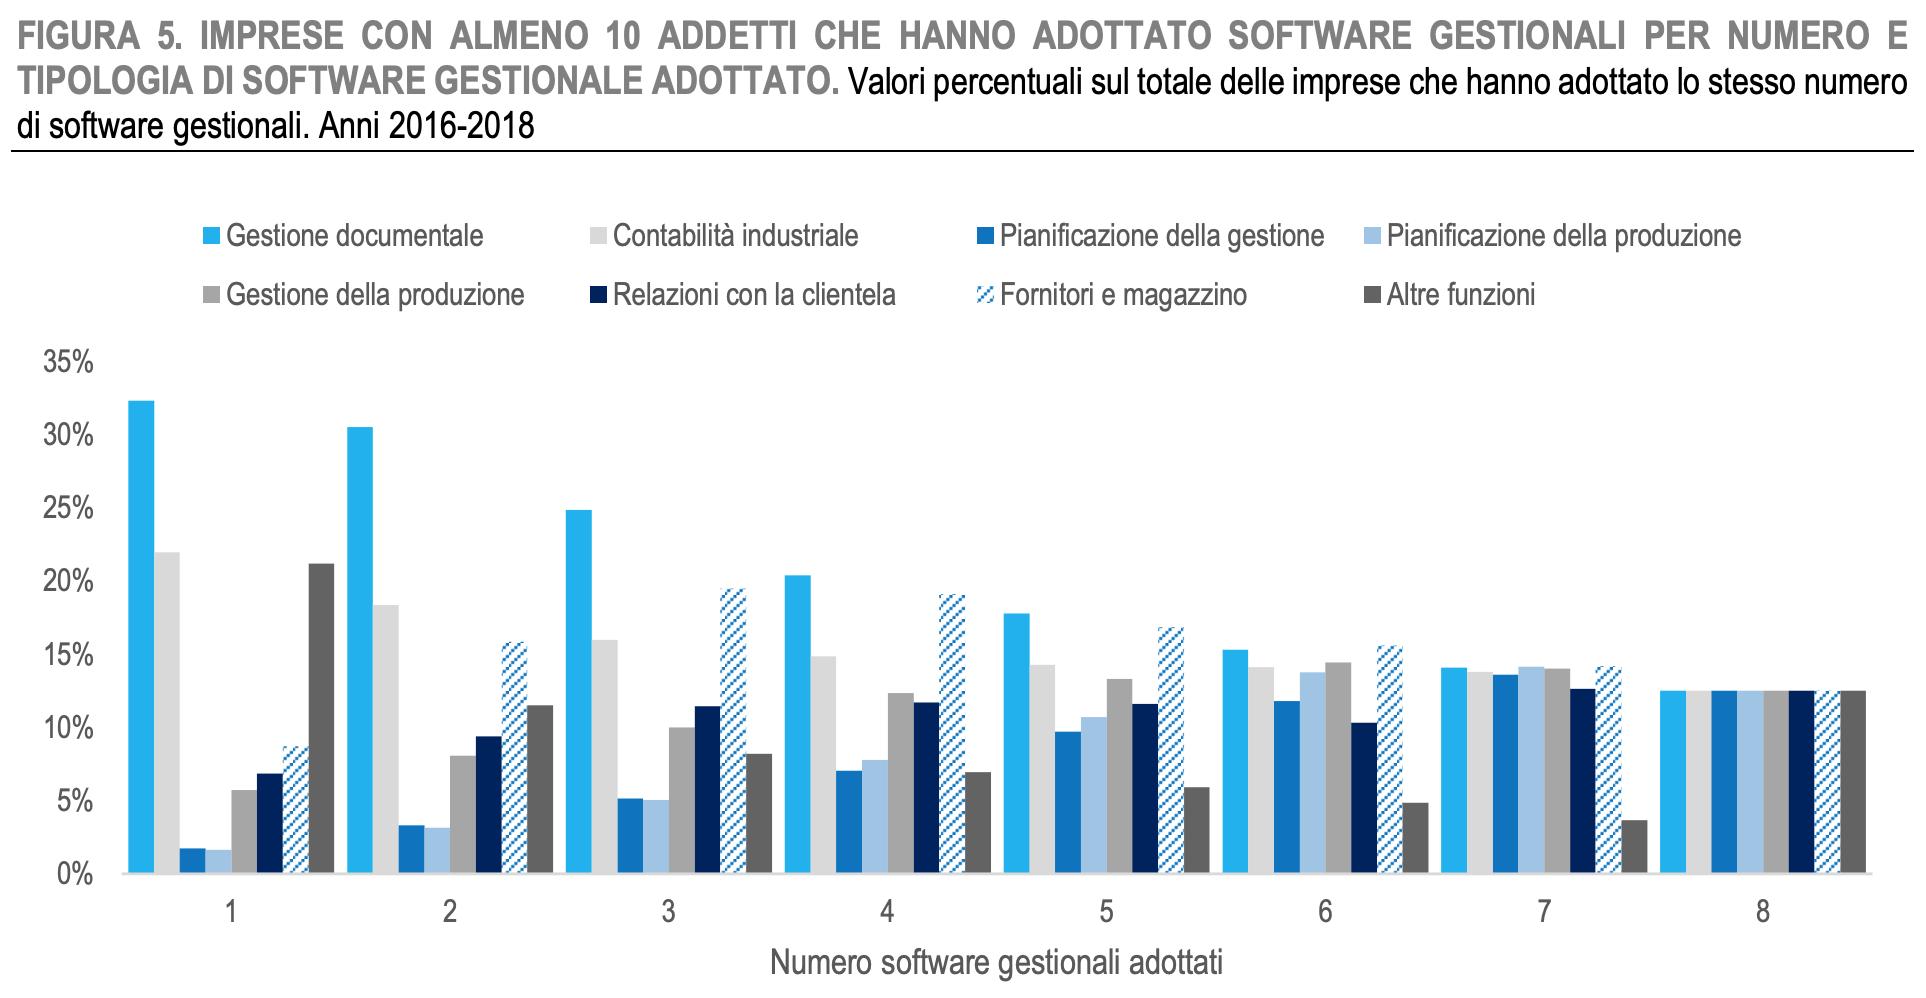 software gestionali e adozione imprese